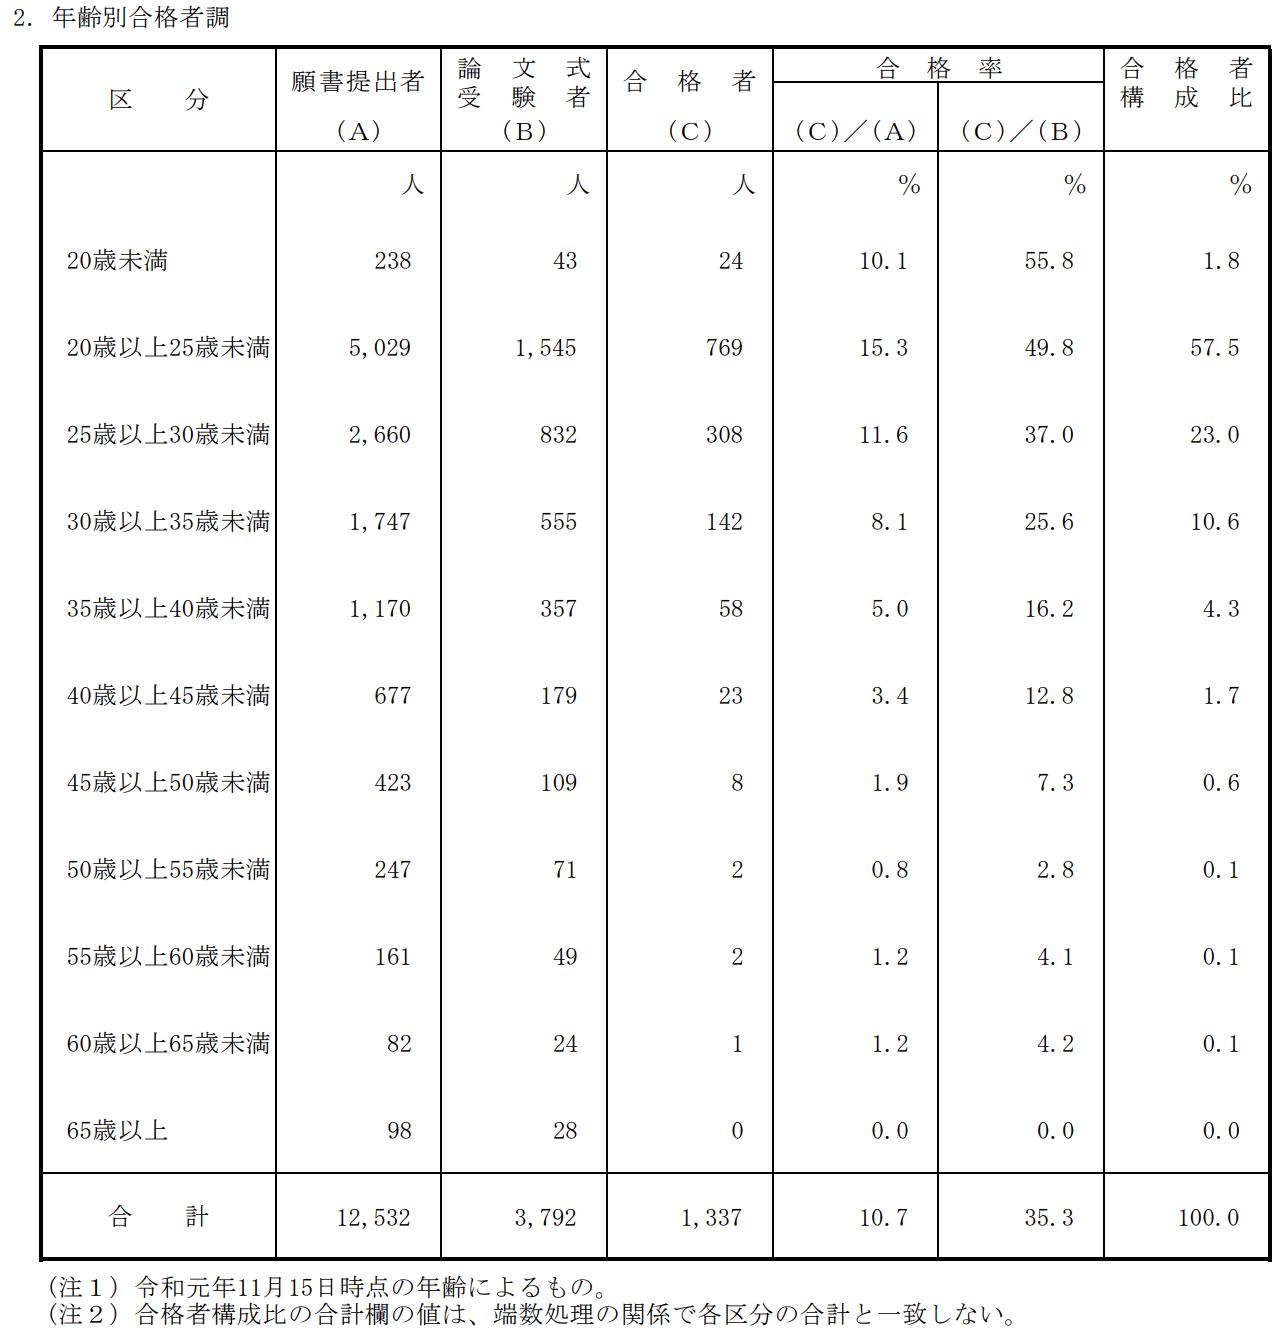 公認会計士試験年齢別合格者